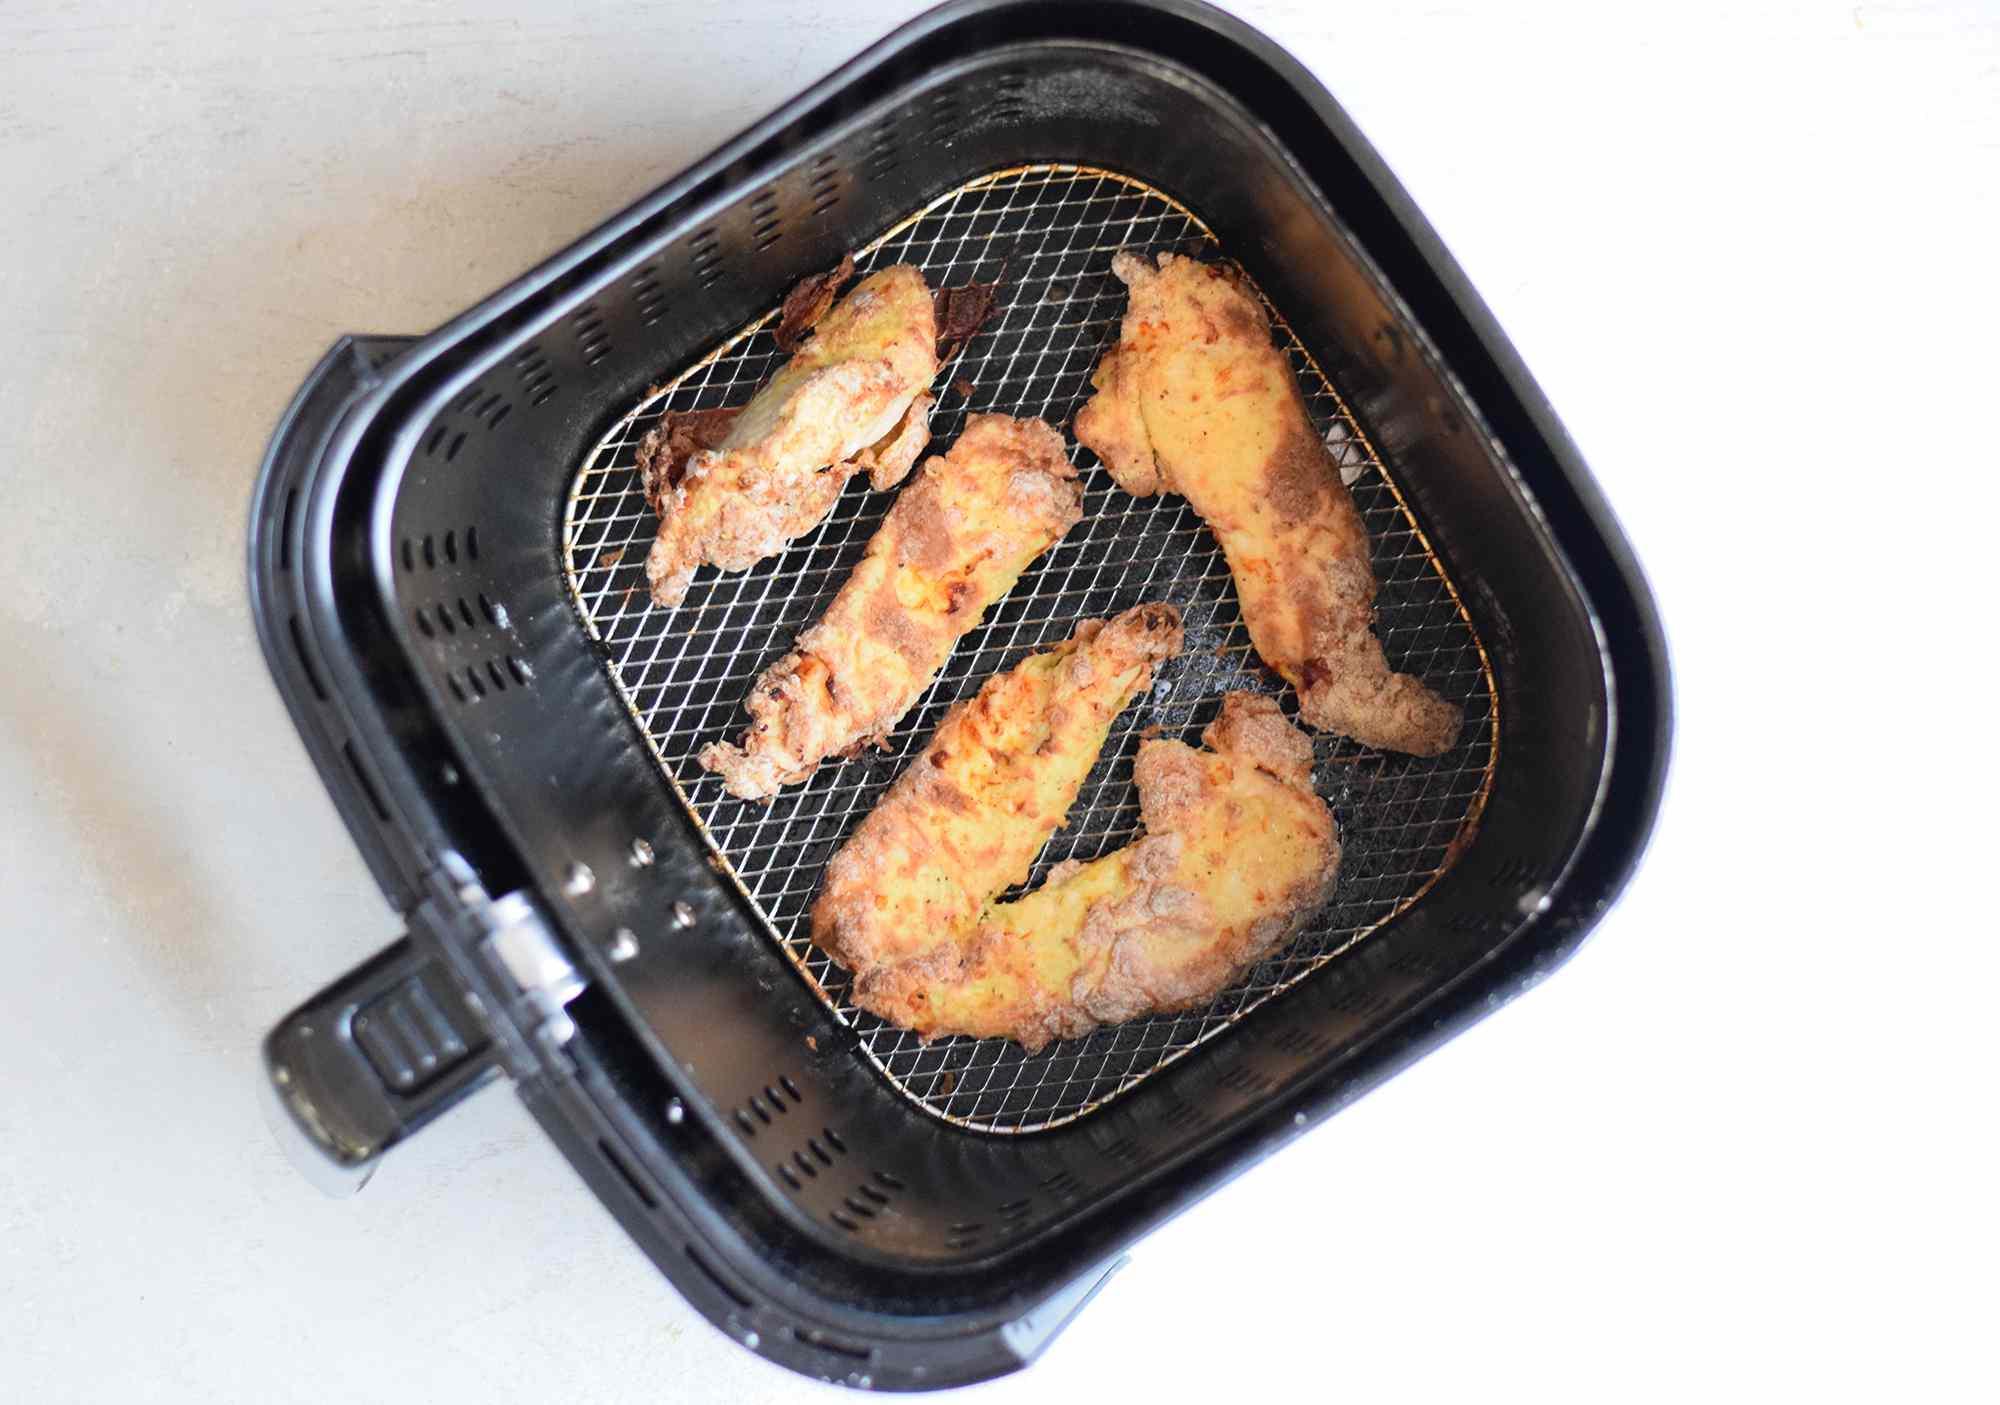 Cooked chicken tenders in air fryer